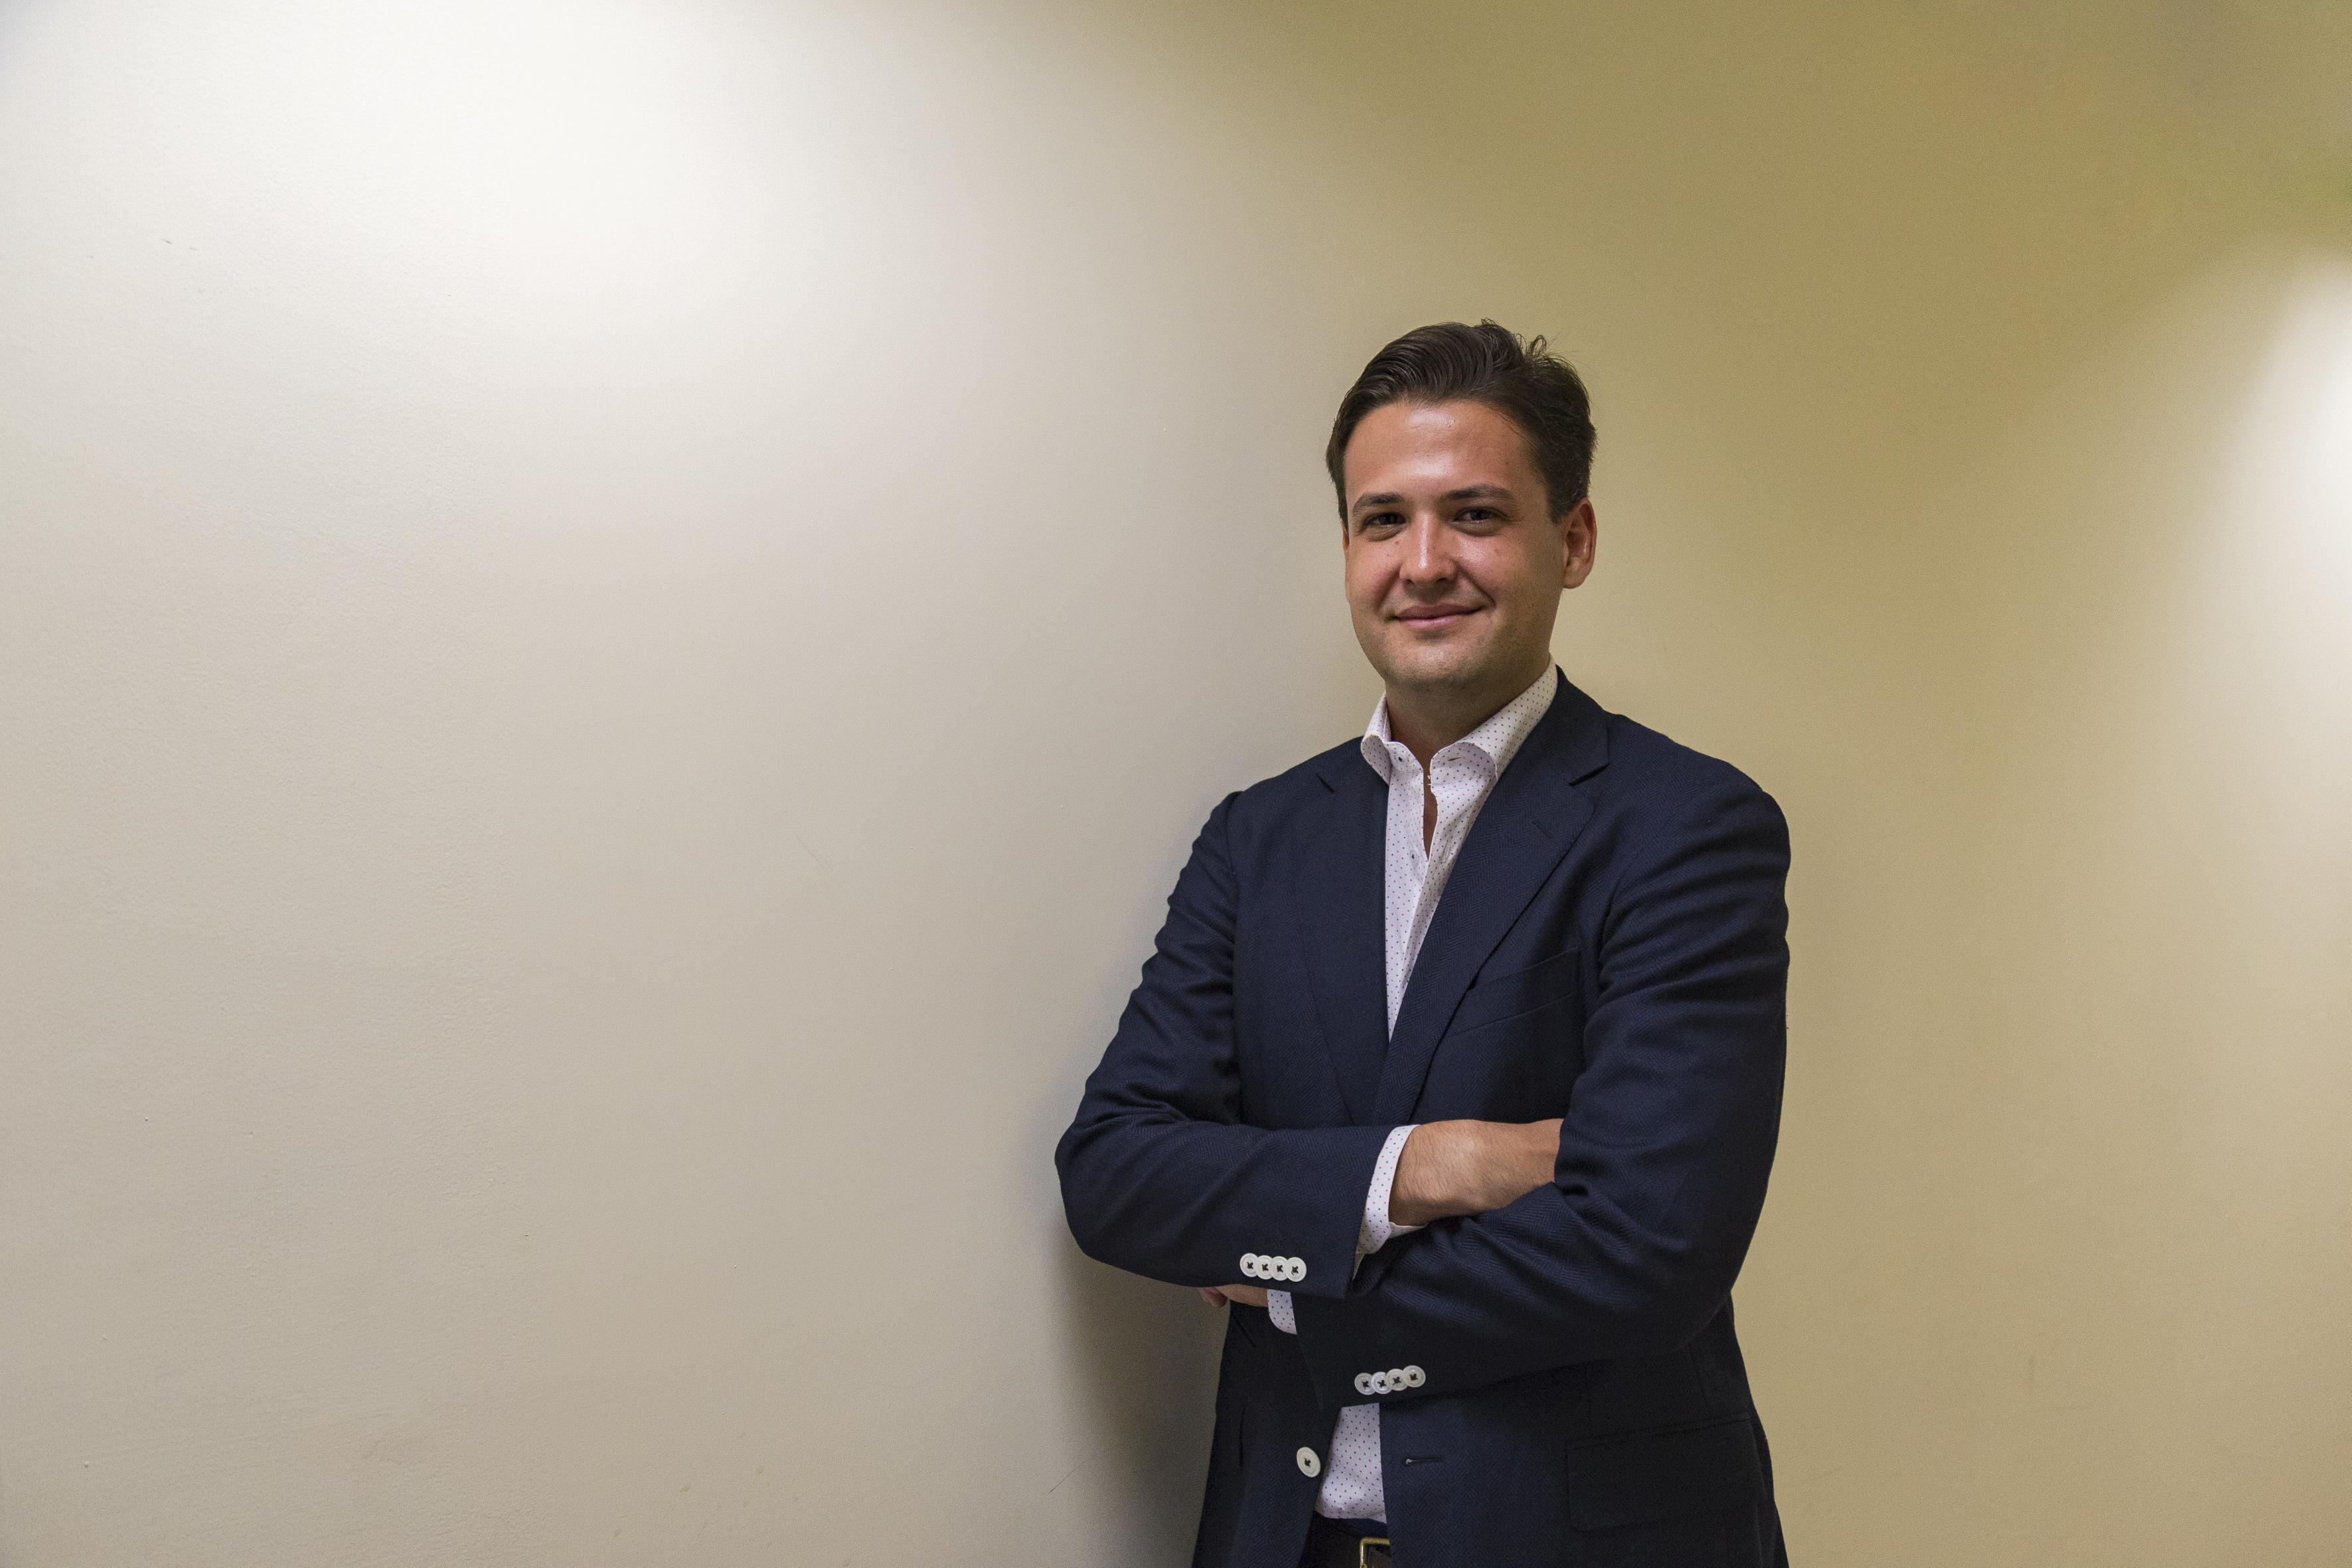 Arquitecto Luis Enrique Flores Cervantes, egresado del Centro Universitario de Arte, Arquitectura y Diseño de la Universidad de Guadalajara.